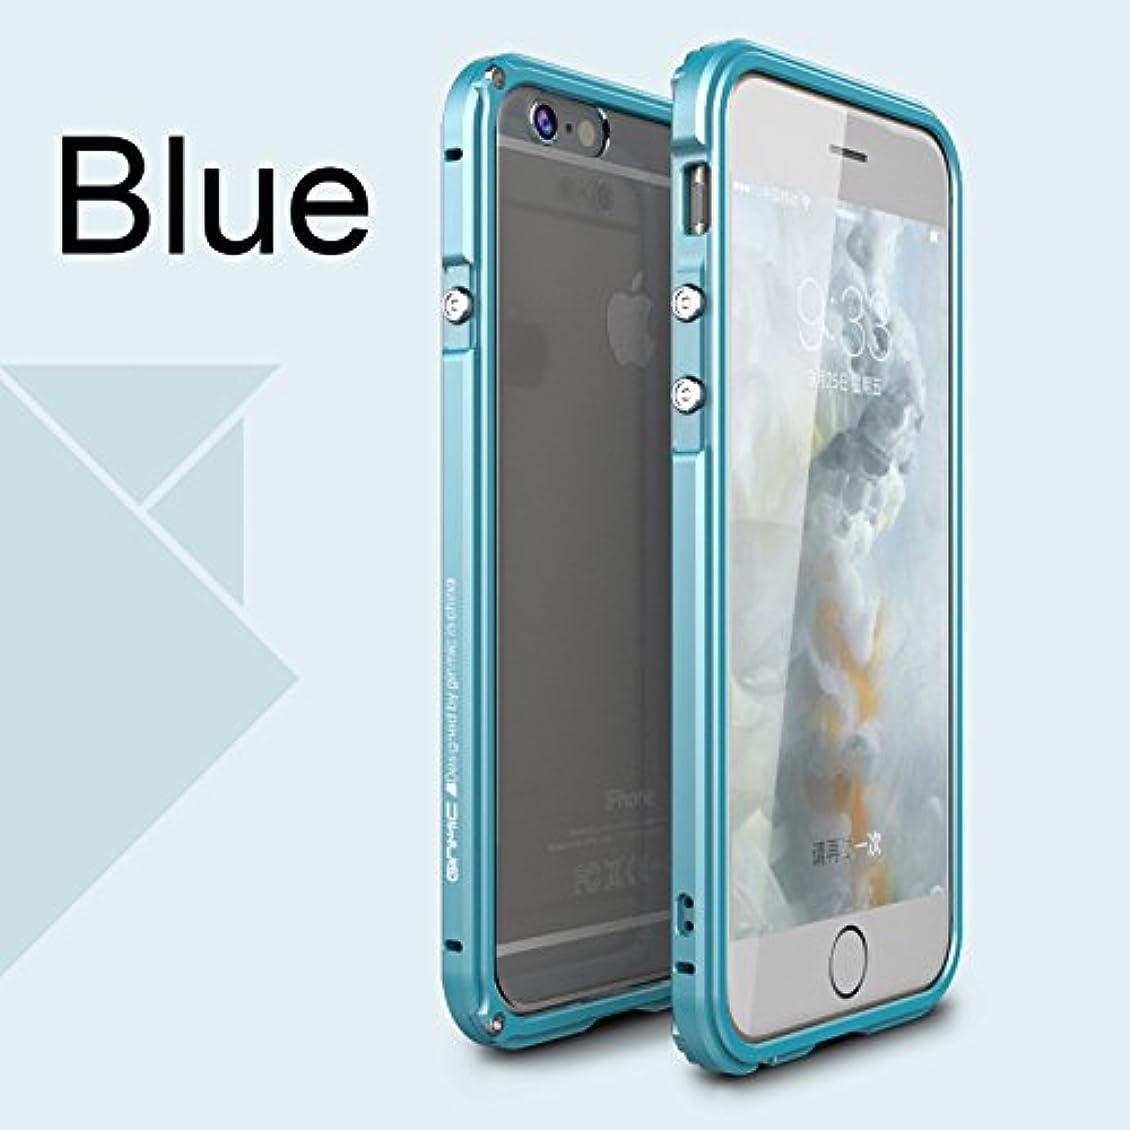 速度忠誠食堂Jicorzo - 航空アルミバンパーは、iPhoneのための6 6S 6プラス6SプラスPC透明戻るケース保護用の金属製フレームカバー